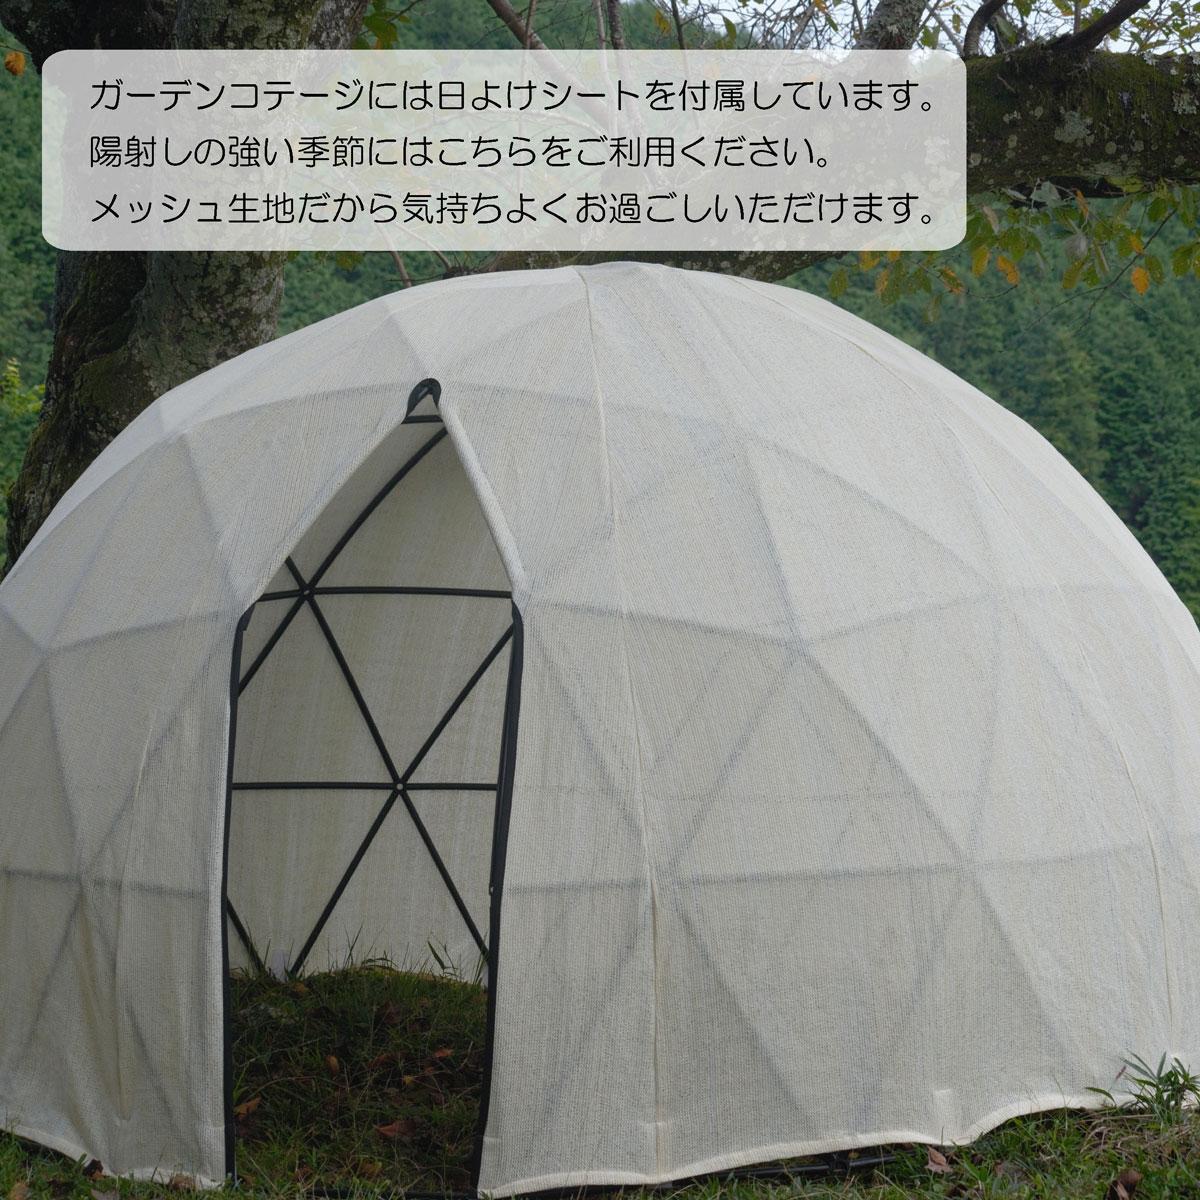 ガーデンコテージ(スモール)ブラックΦ2.4*1.4m